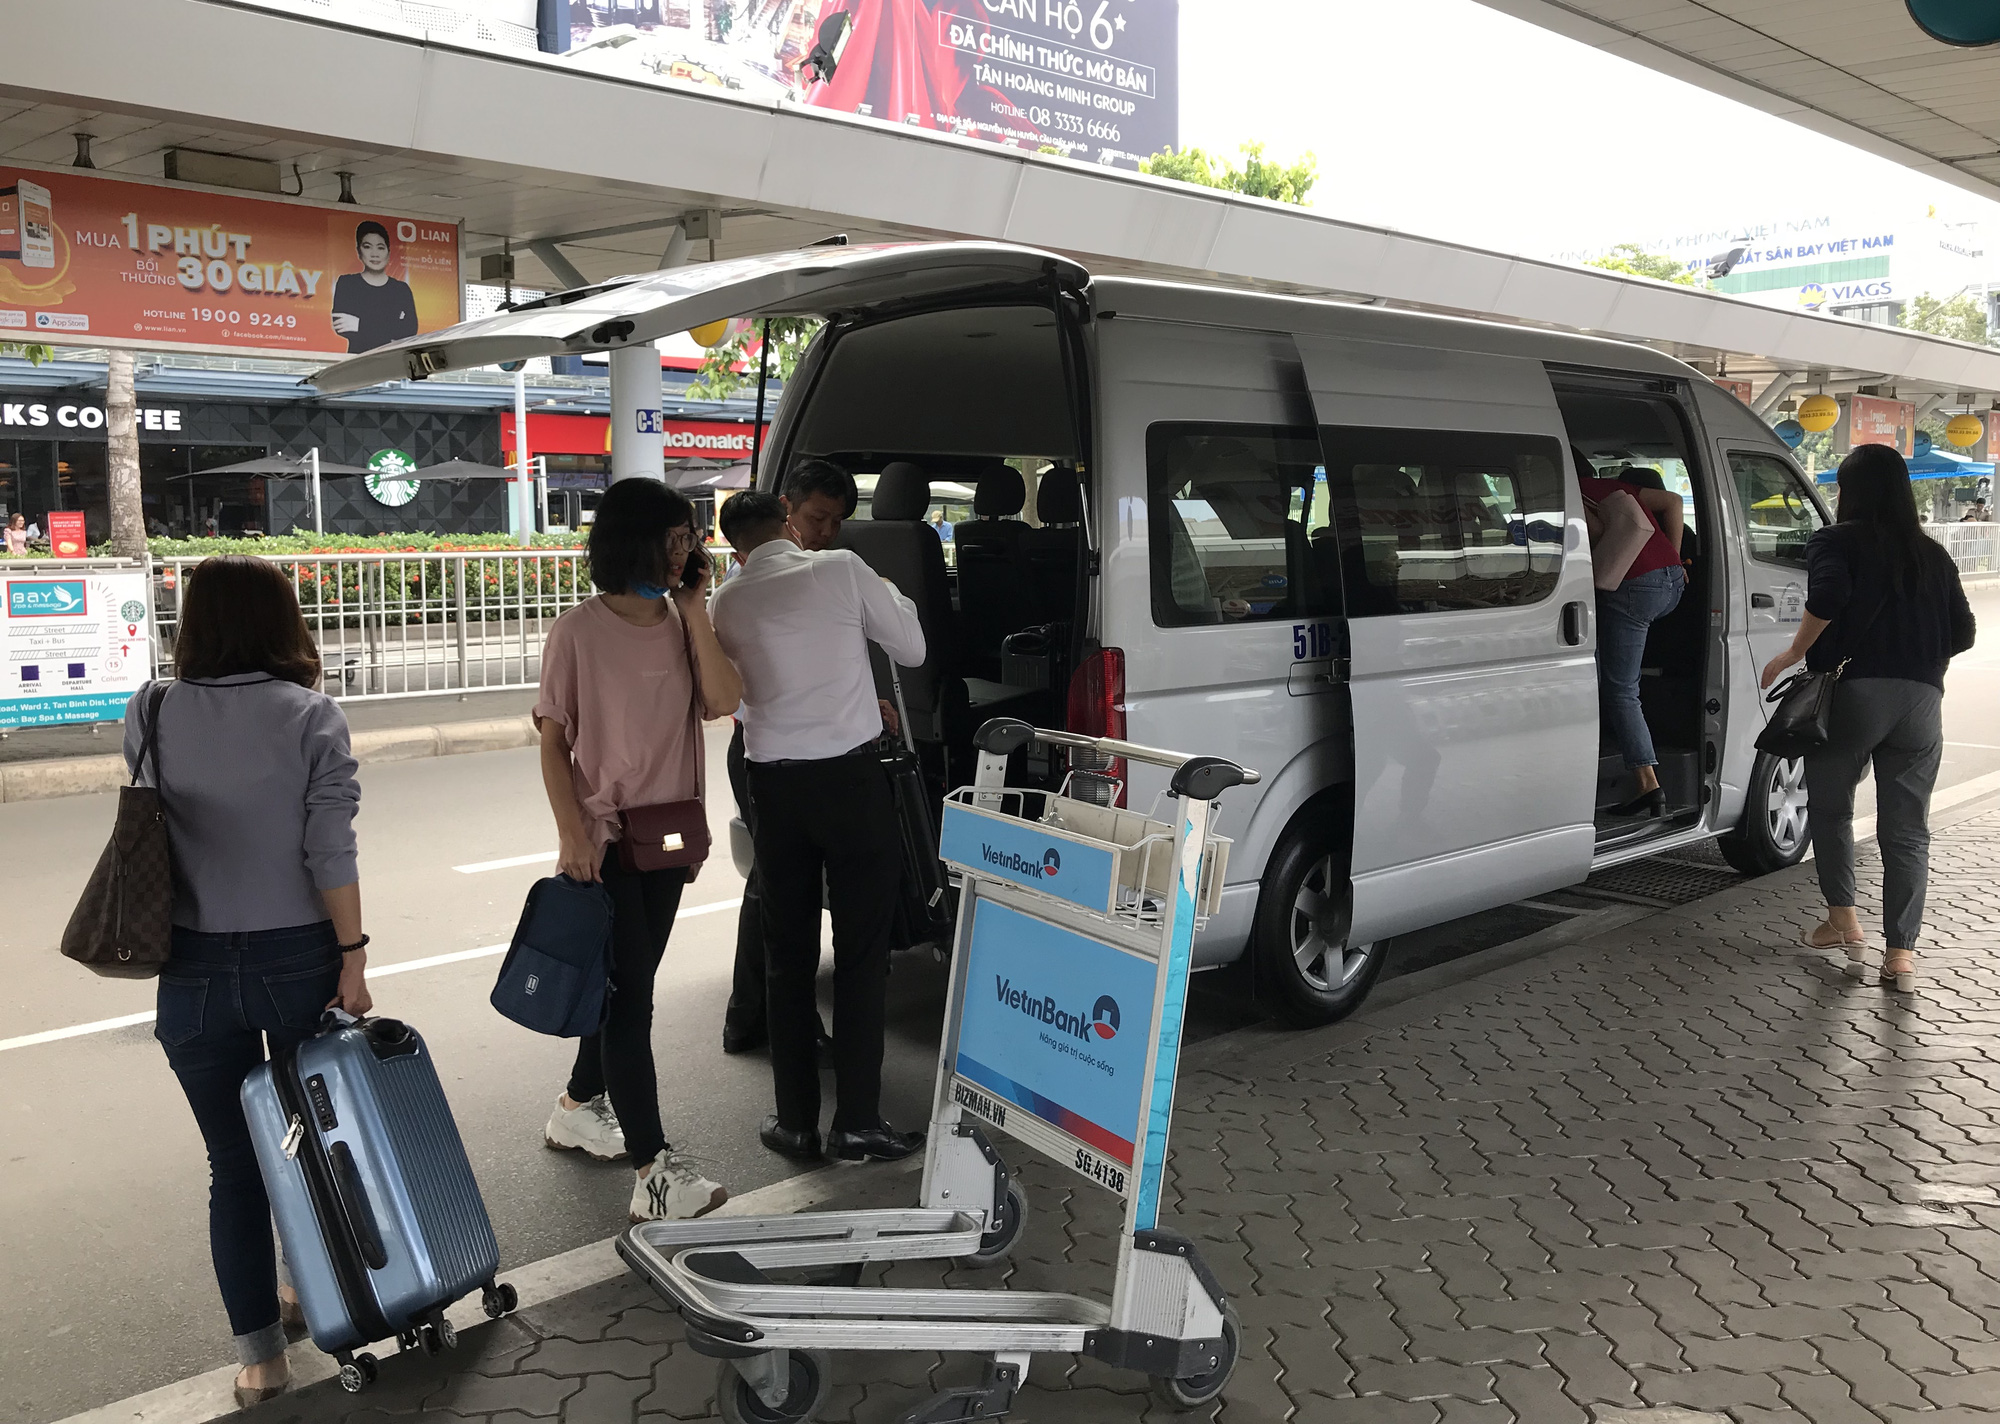 Khách vã mồ hôi, vác vali ra khỏi sân bay Tân Sơn Nhất,  cắt ngang làn ô tô để đón xe - Ảnh 8.